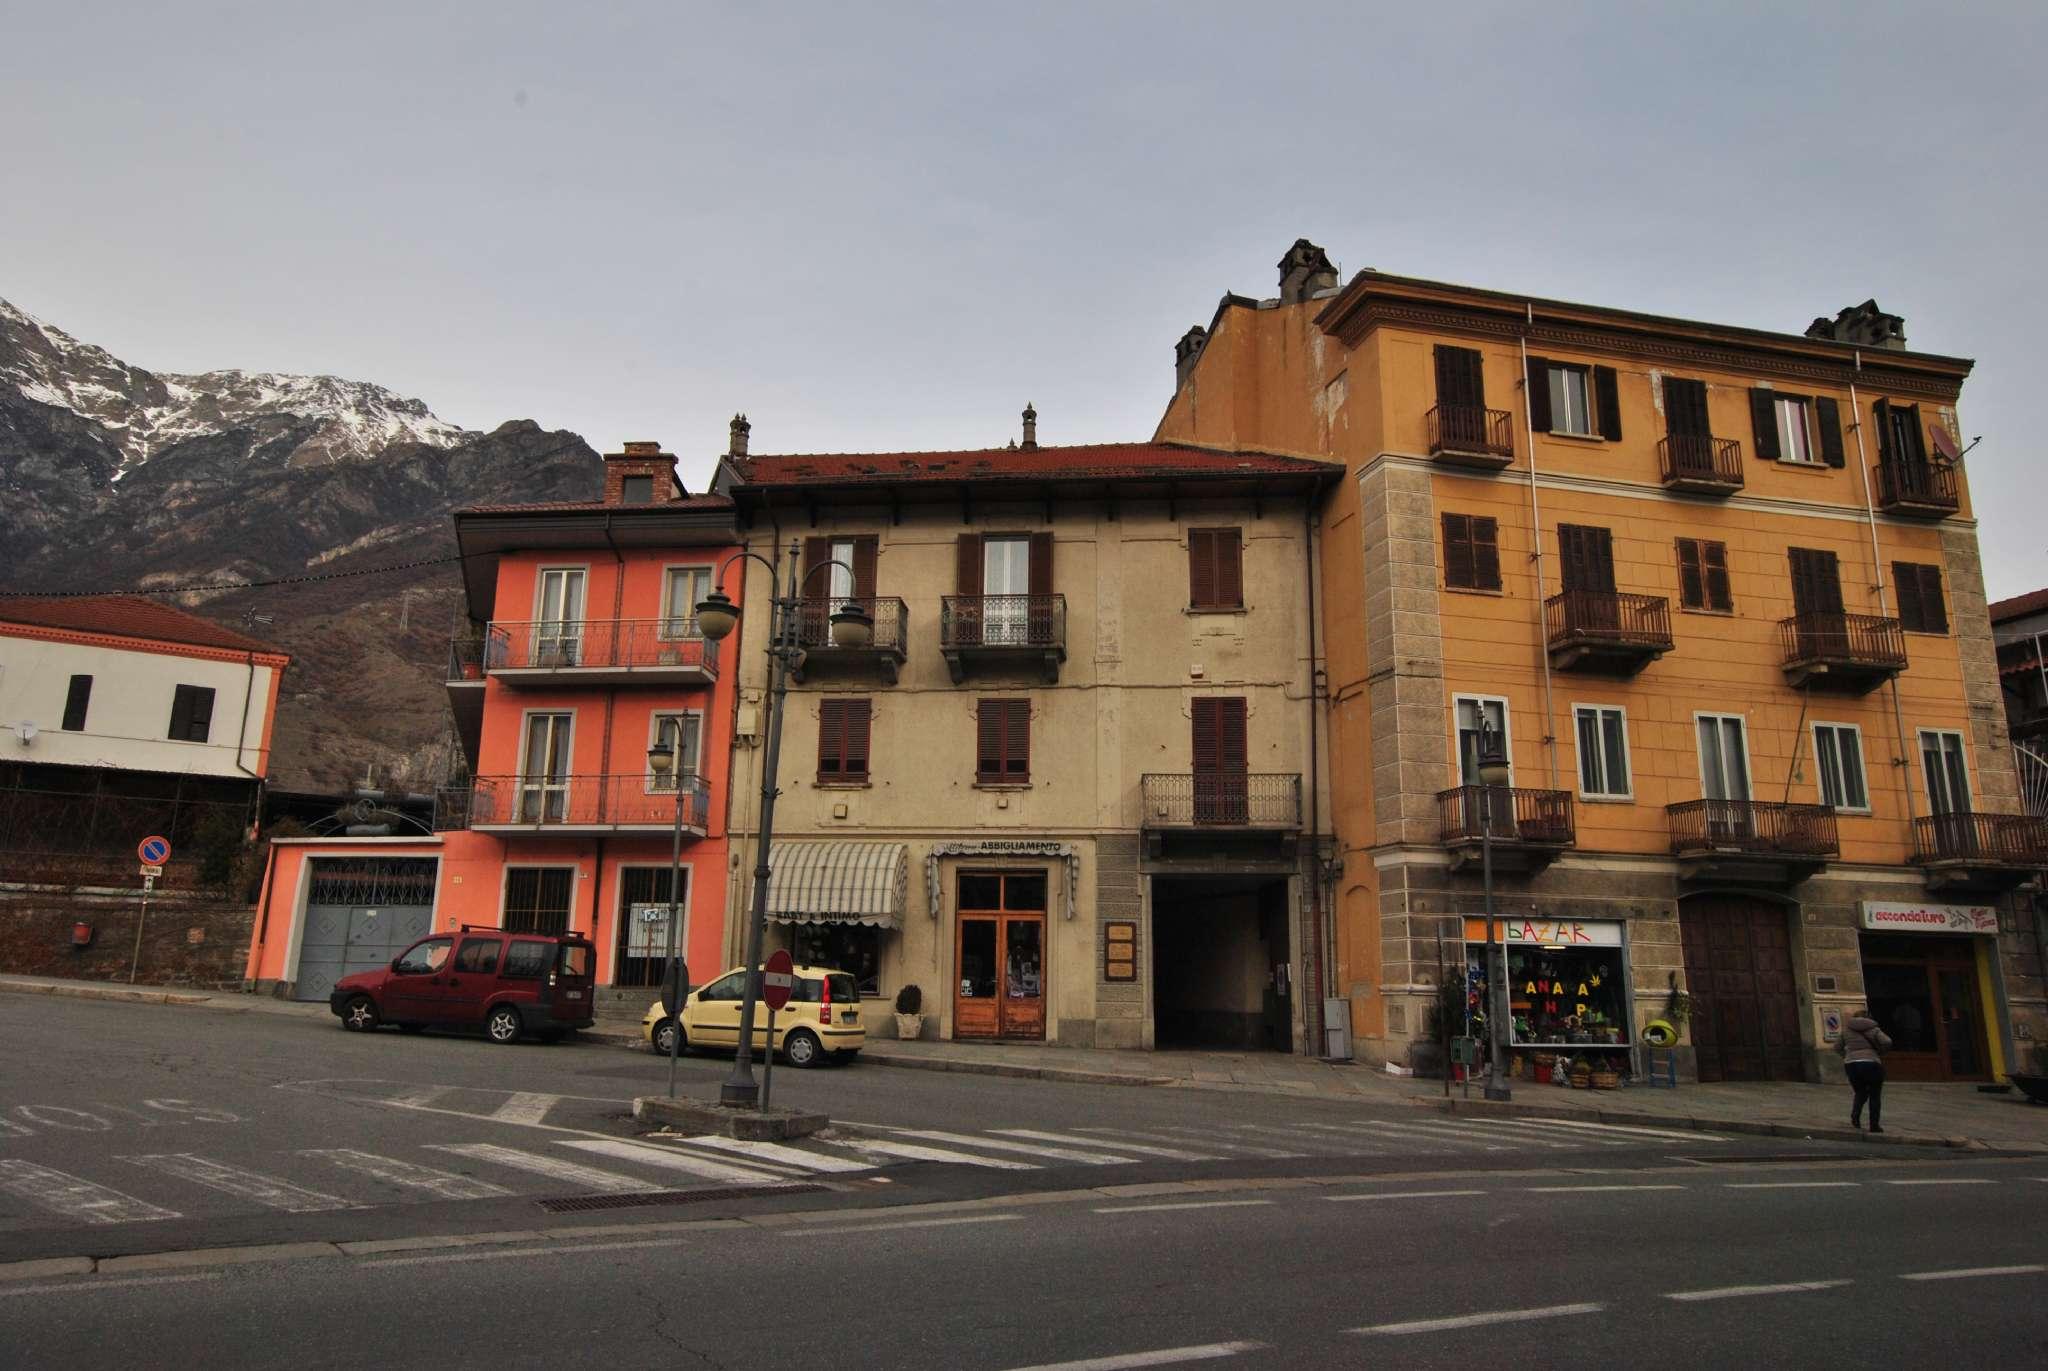 Appartamento in vendita a Bussoleno, 3 locali, prezzo € 29.000 | CambioCasa.it